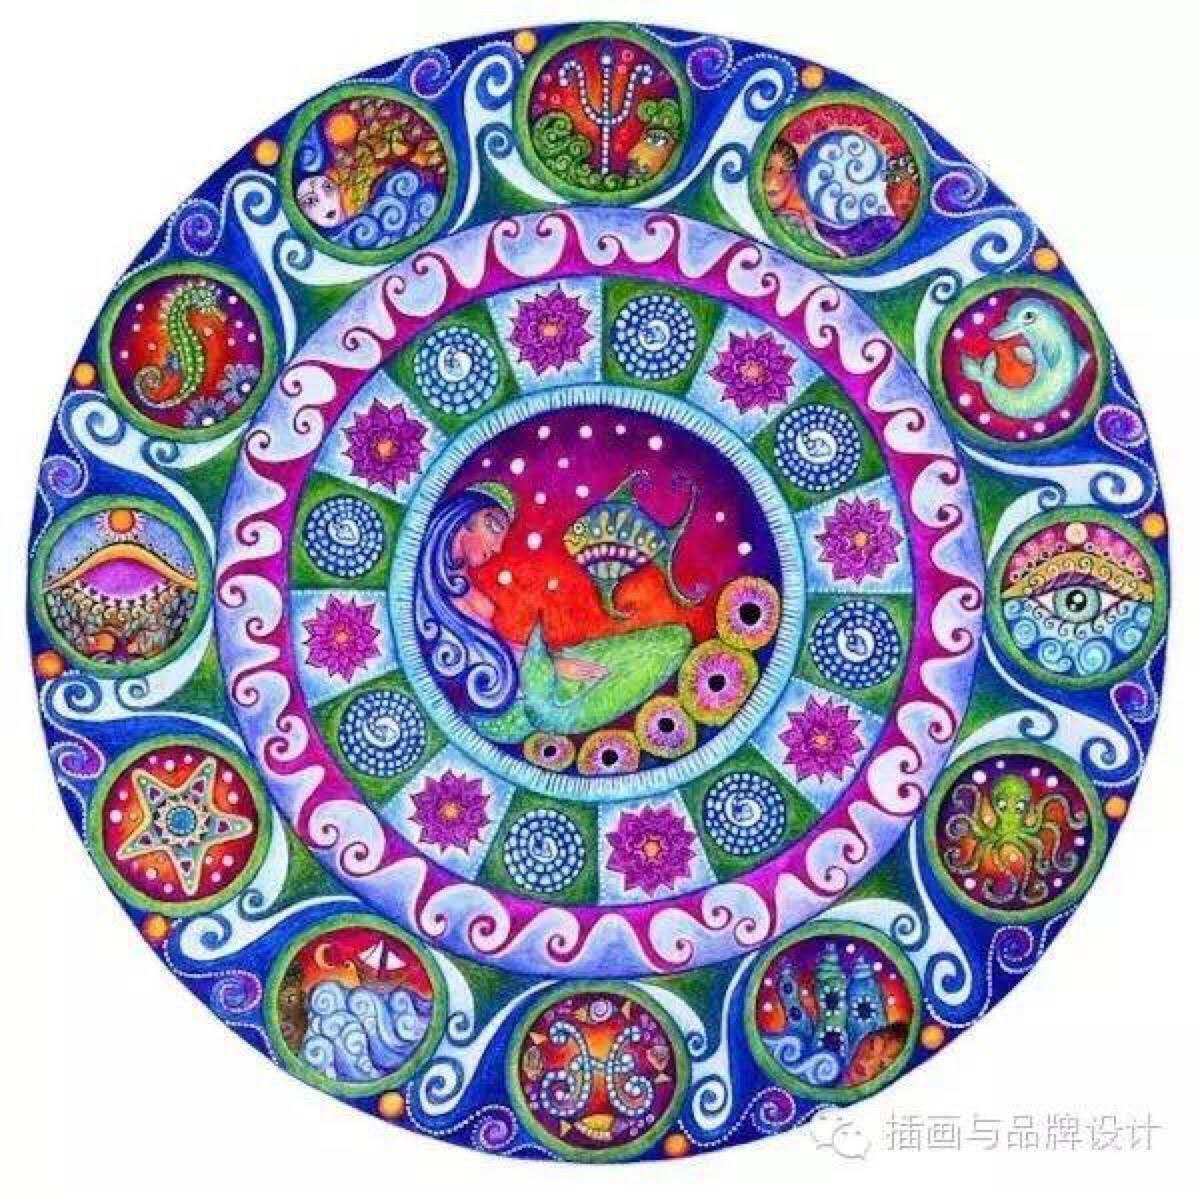 第二期荣格曼陀罗绘画心理成长小组